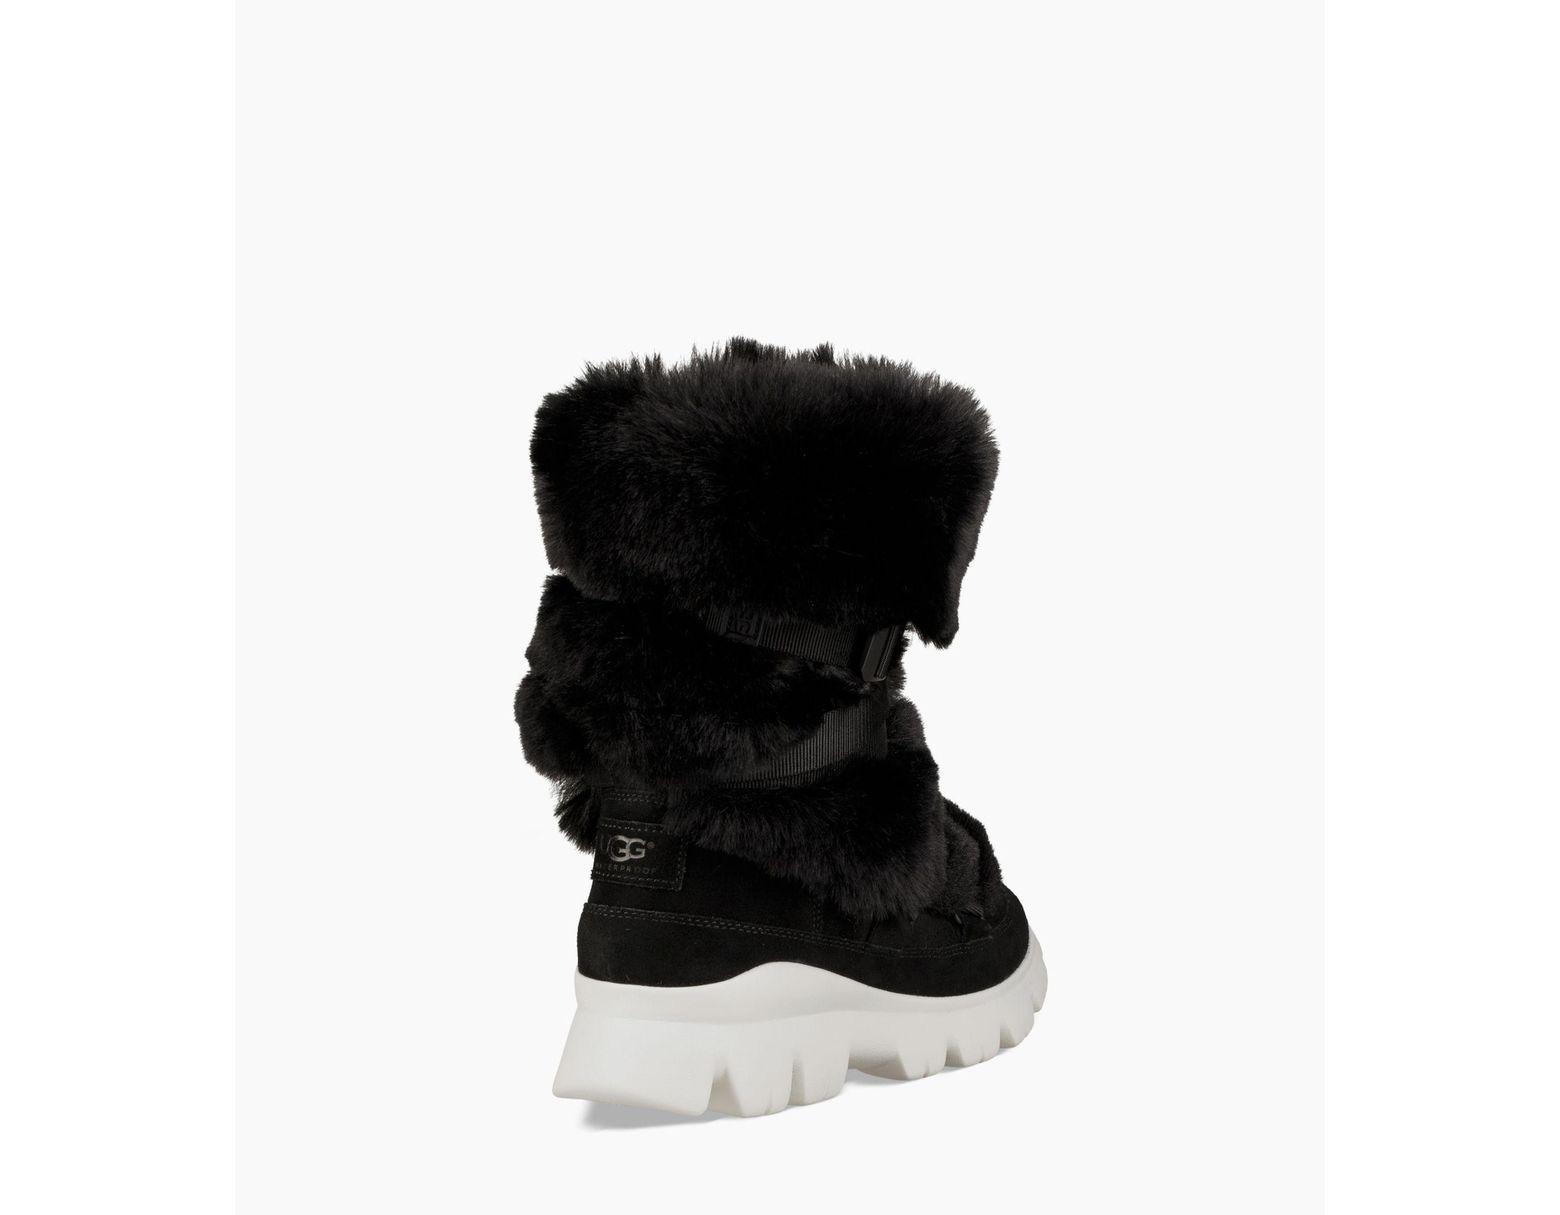 d3447249e8a Women's Black Misty Boot Misty Boot